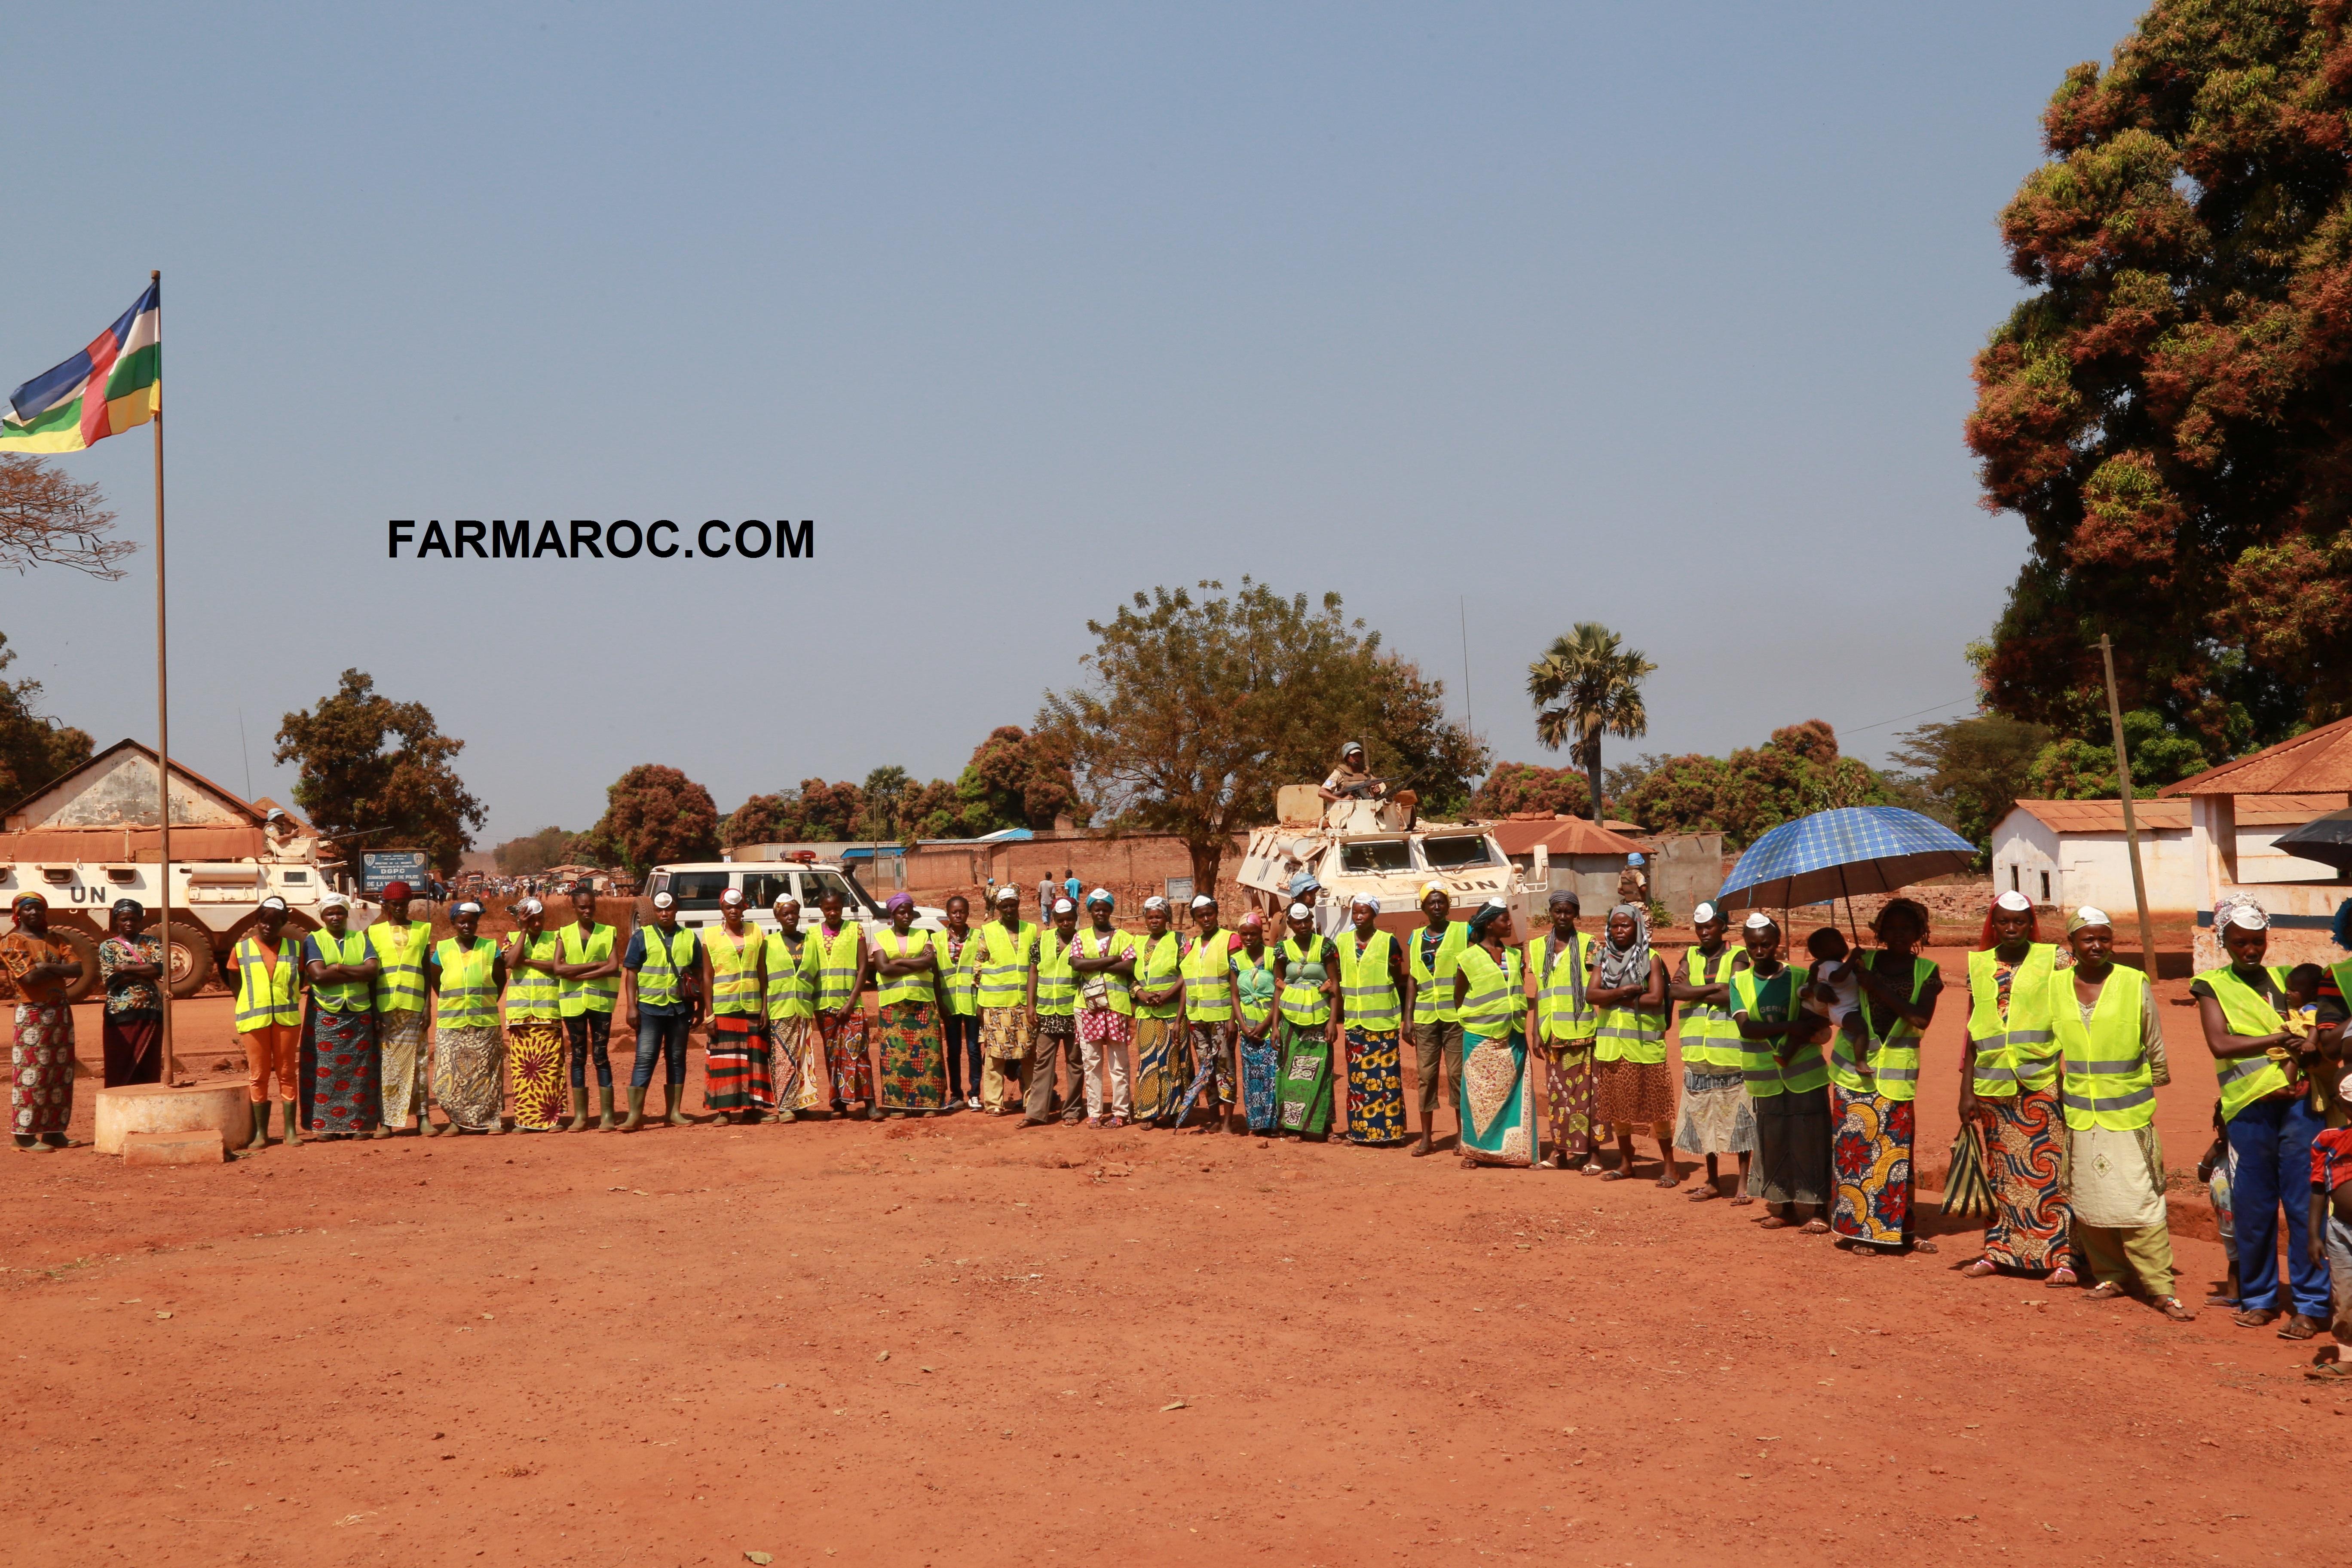 Maintien de la paix dans le monde - Les FAR en République Centrafricaine - RCA (MINUSCA) - Page 3 69026024068178025ef23824500o